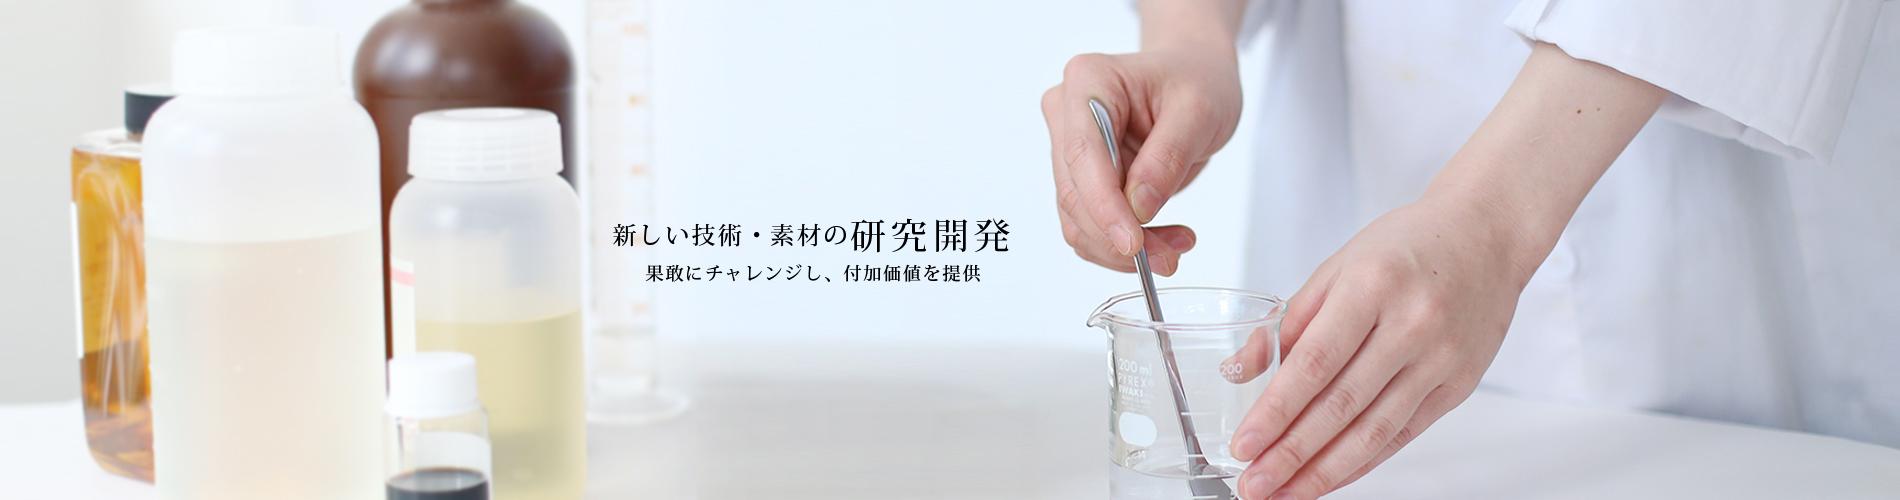 新しい技術・素材の研究開発